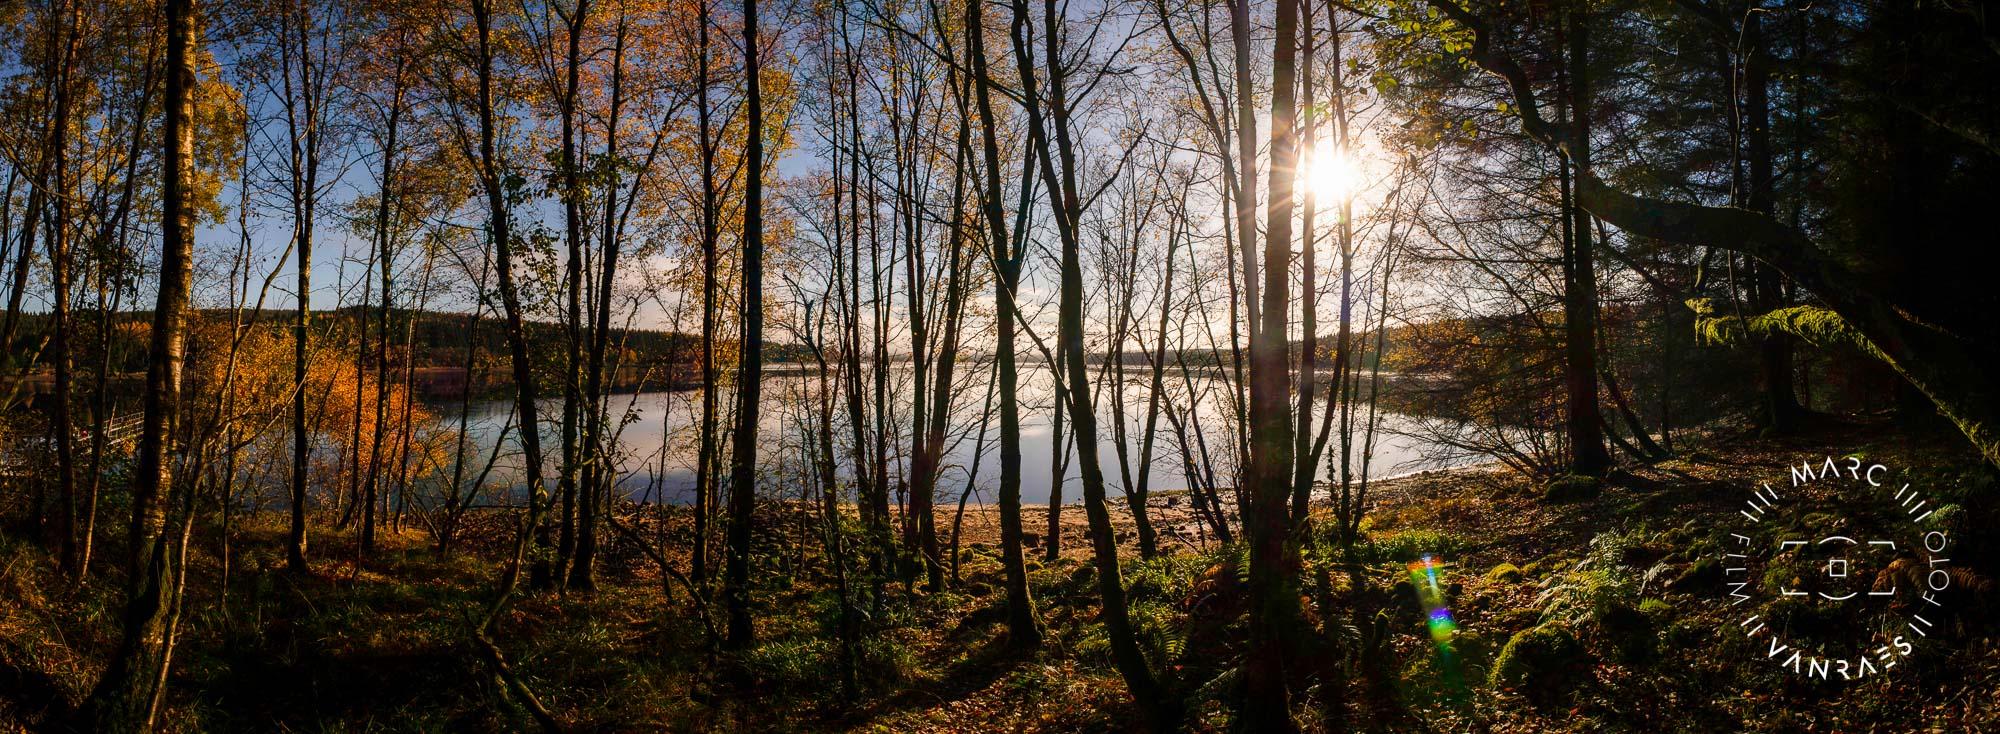 © Deze foto's van Kielder Water 4 - www.marcvanraes.be - 4_